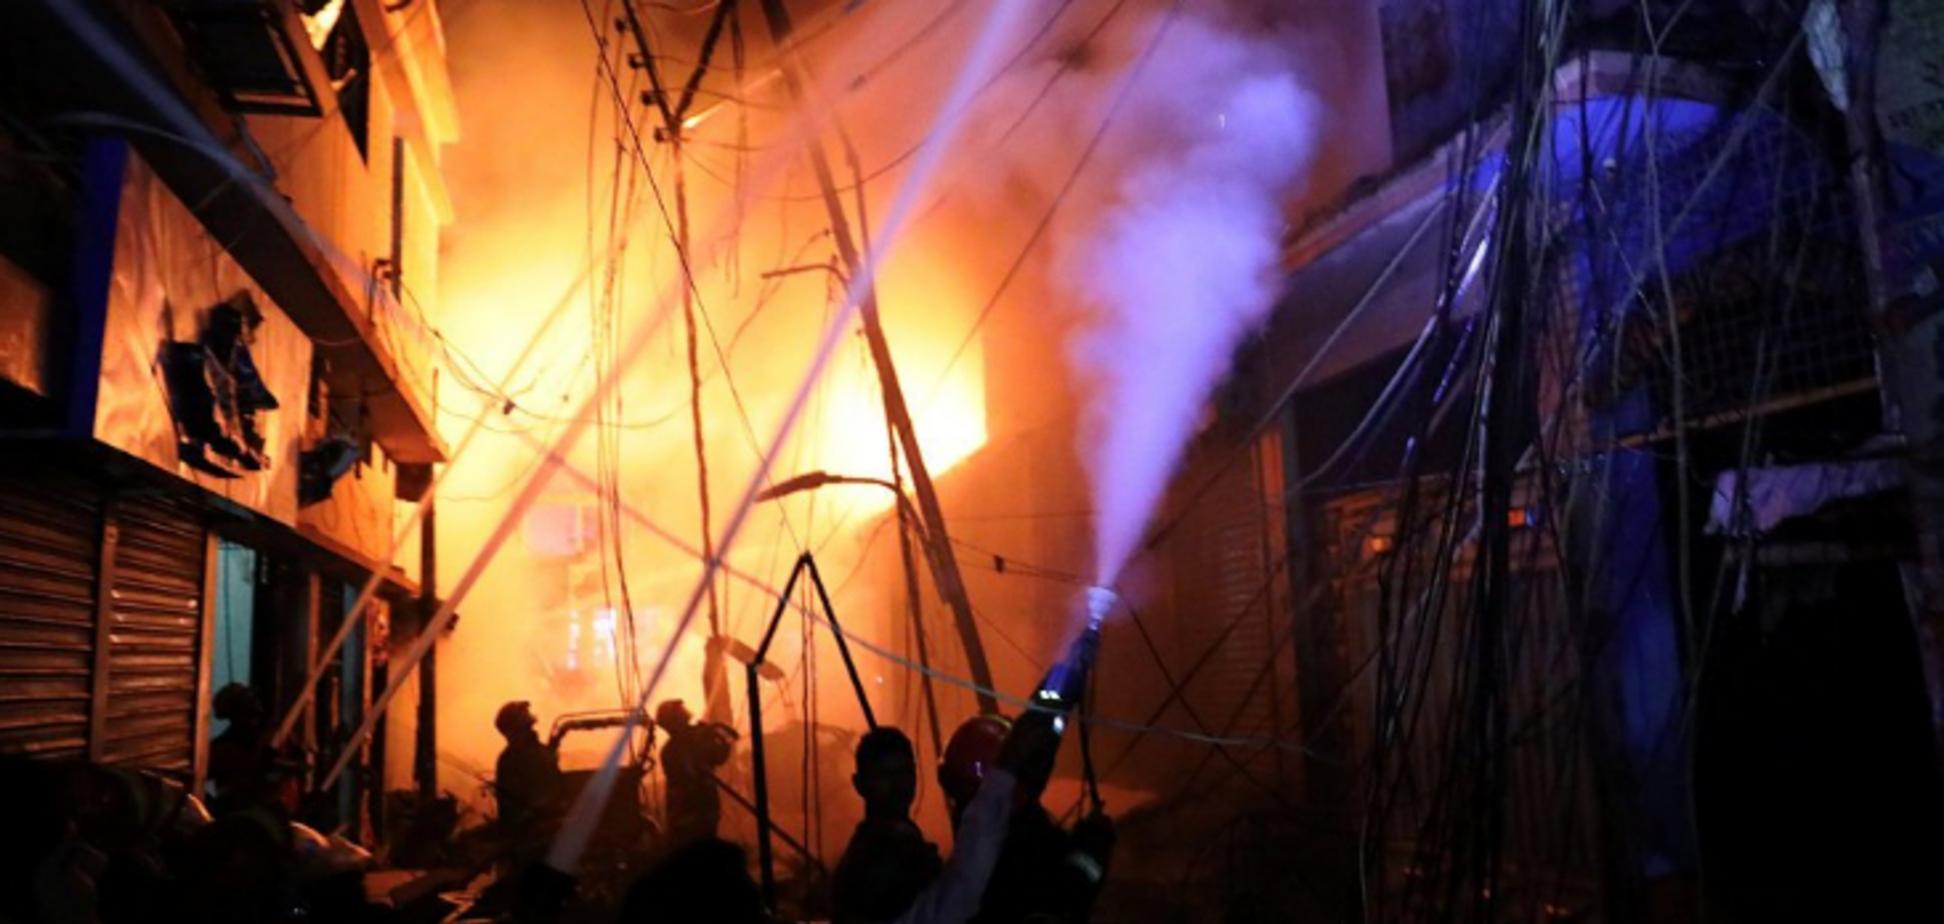 Будинок був нашпигований хімією: у Бангладеш заживо згоріли десятки людей. Усі подробиці НП